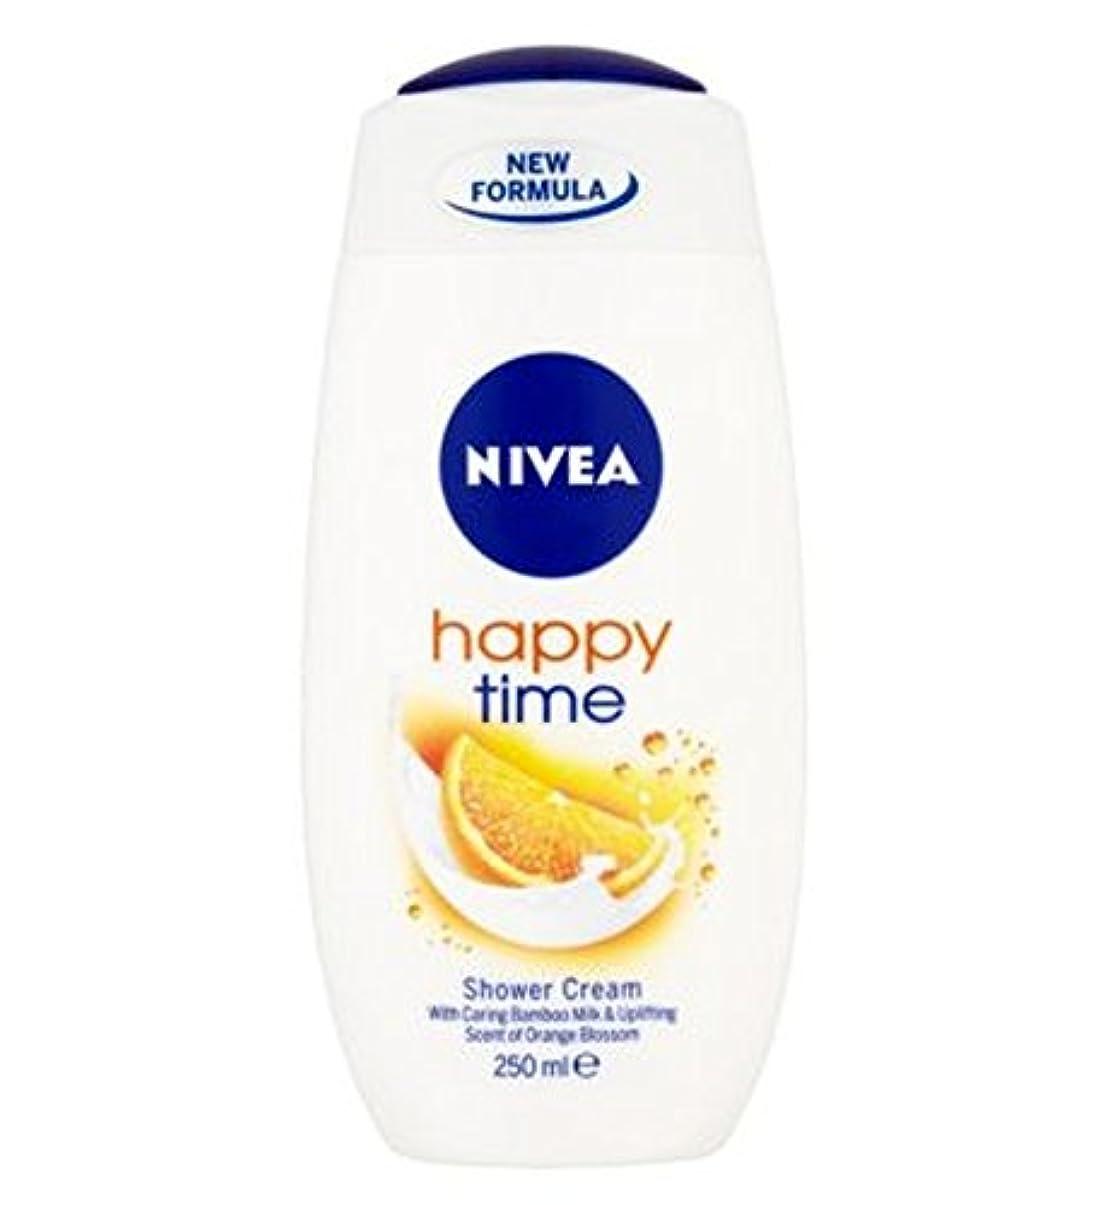 影のある損失ペーストNIVEA Happy Time Shower Cream 250ml - ニベア幸せな時間シャワークリーム250ミリリットル (Nivea) [並行輸入品]